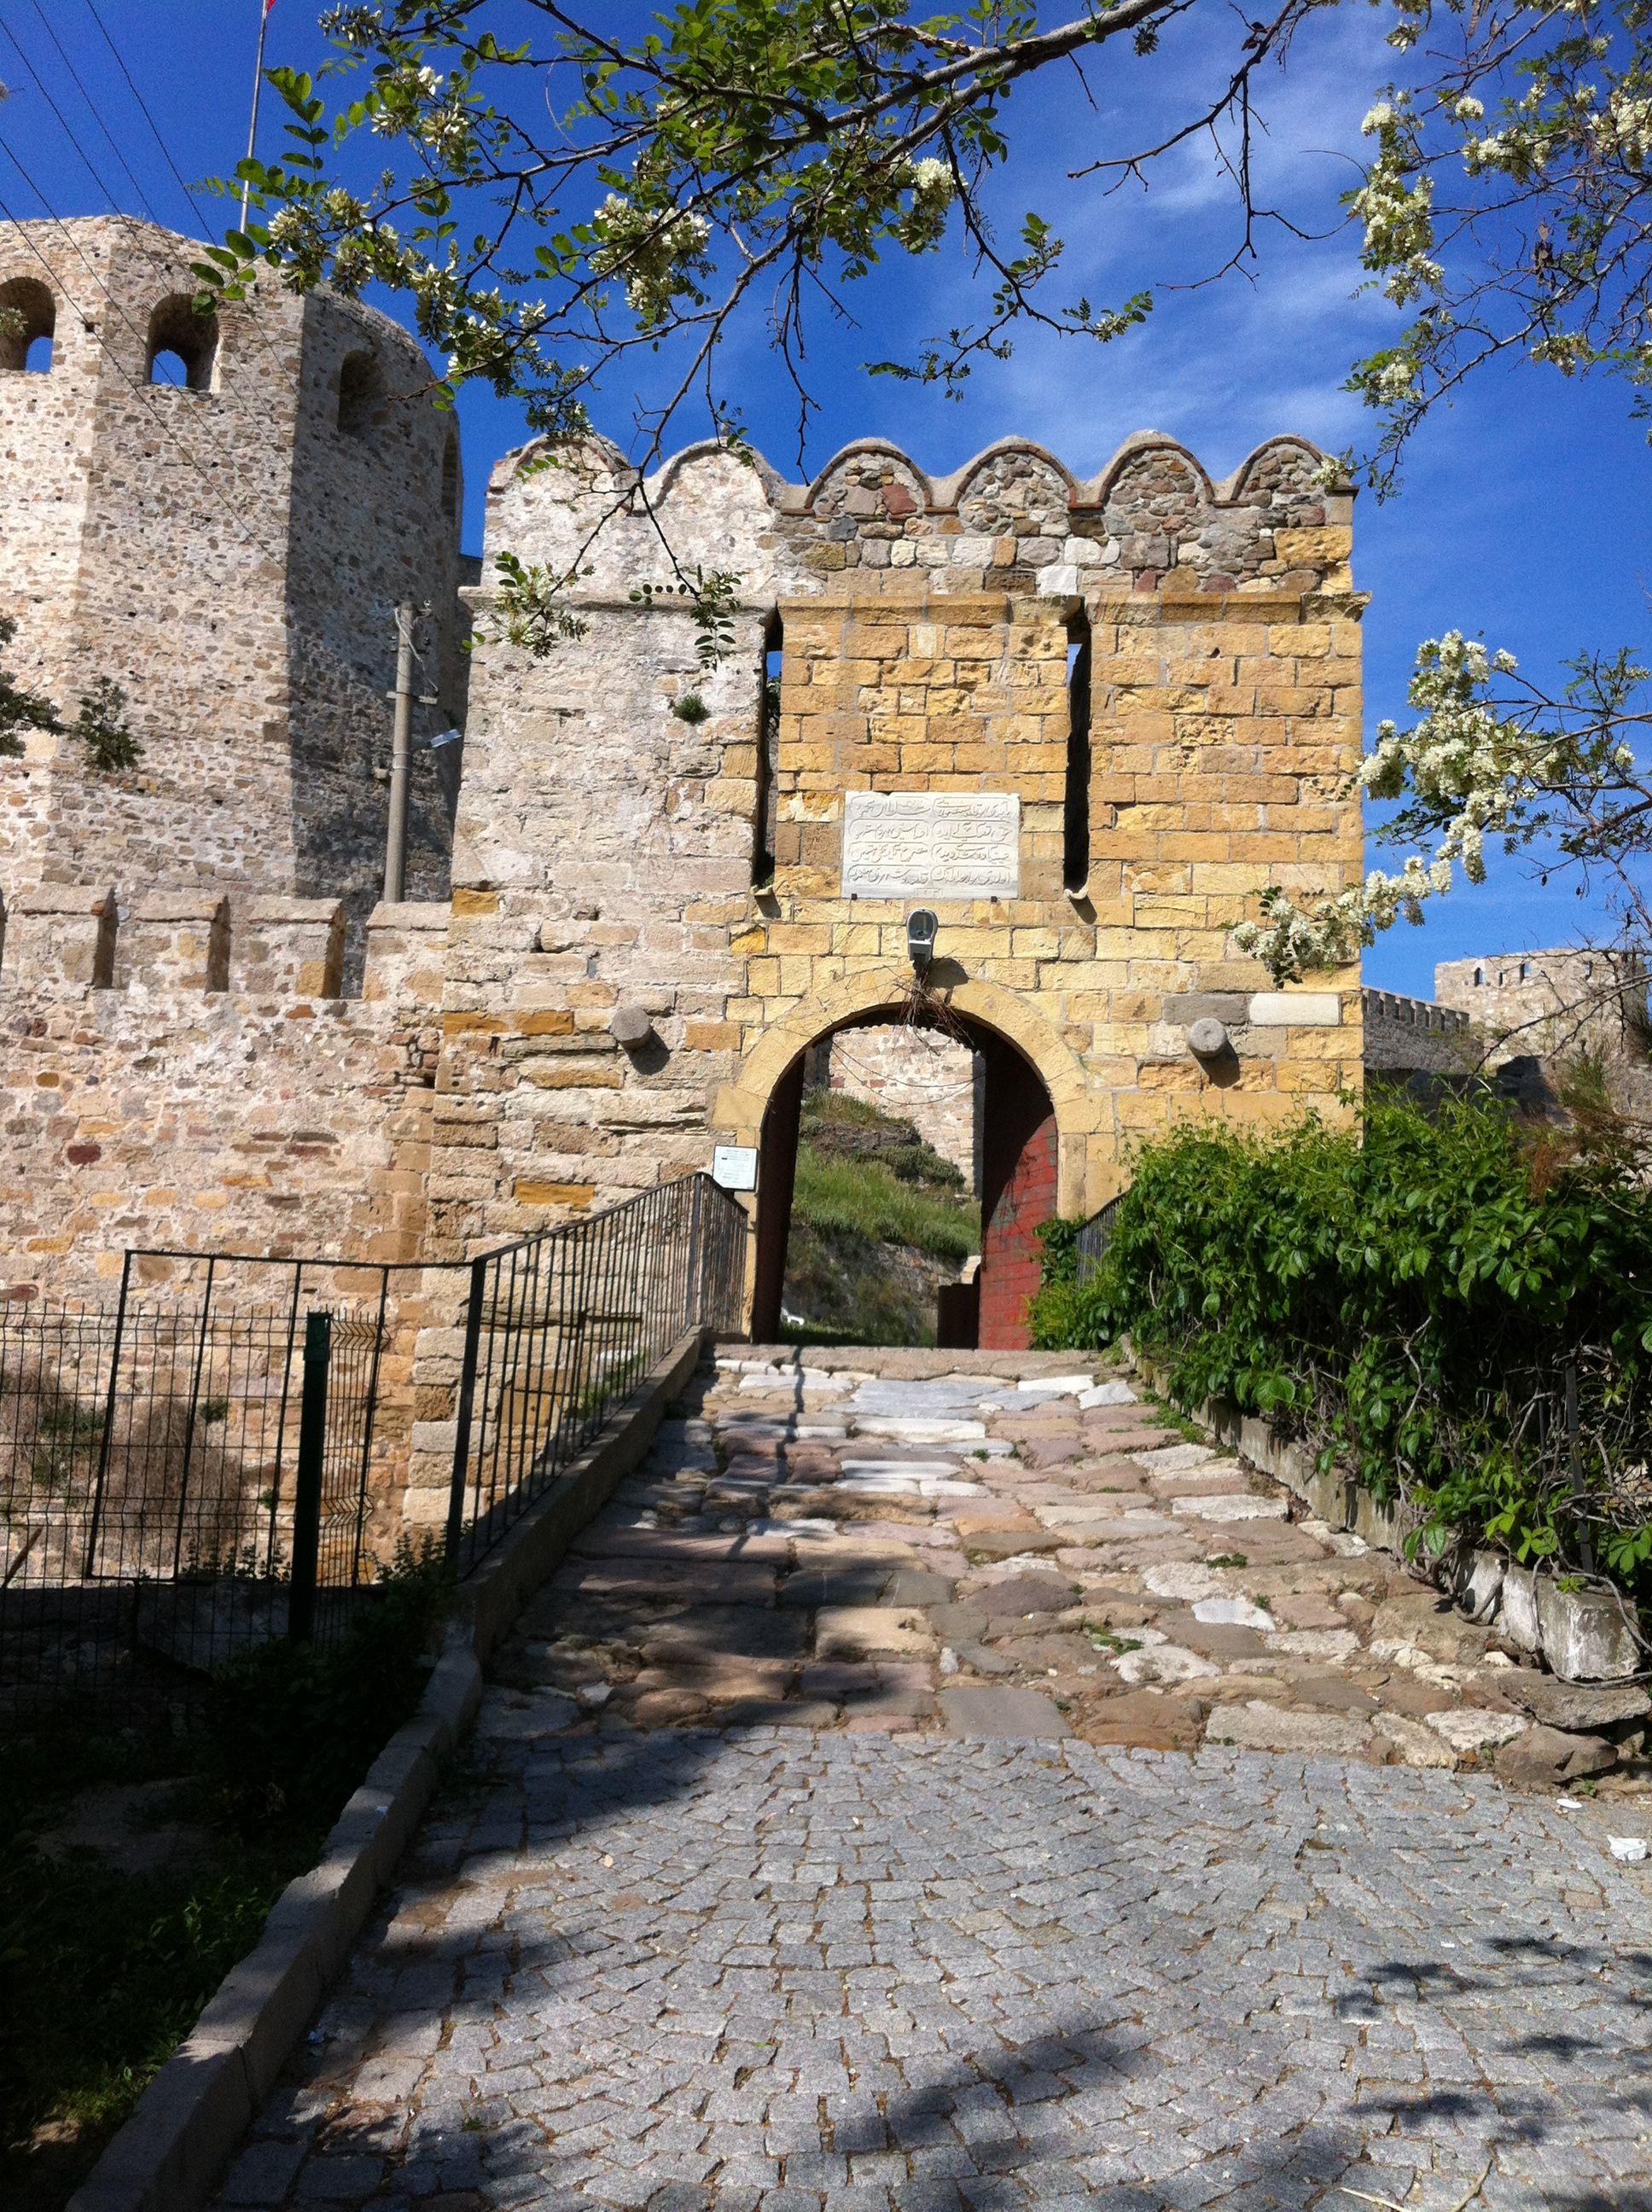 Enterance of the Castle @ Bozcaada